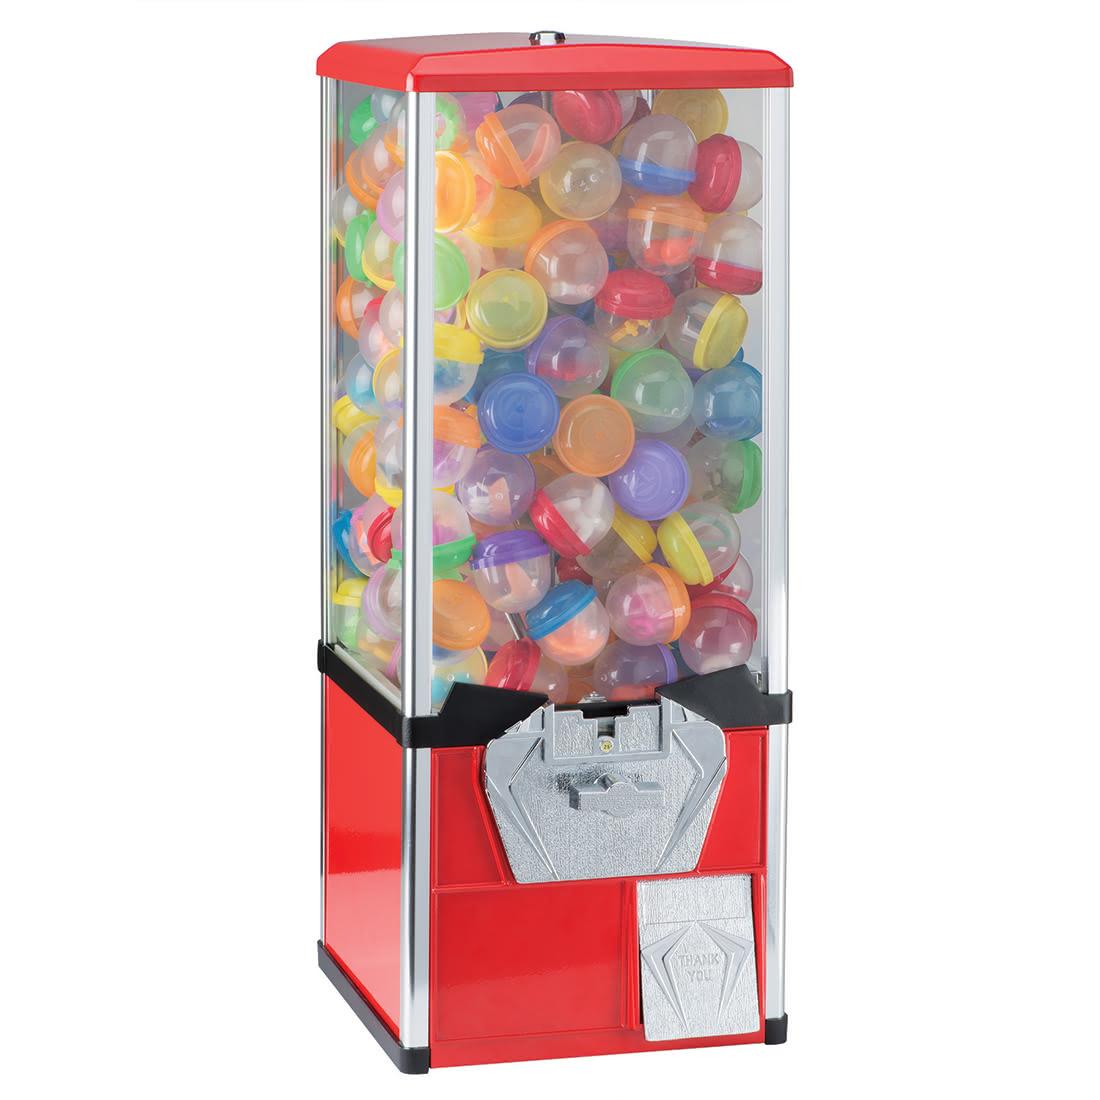 Capsule Vending Machines